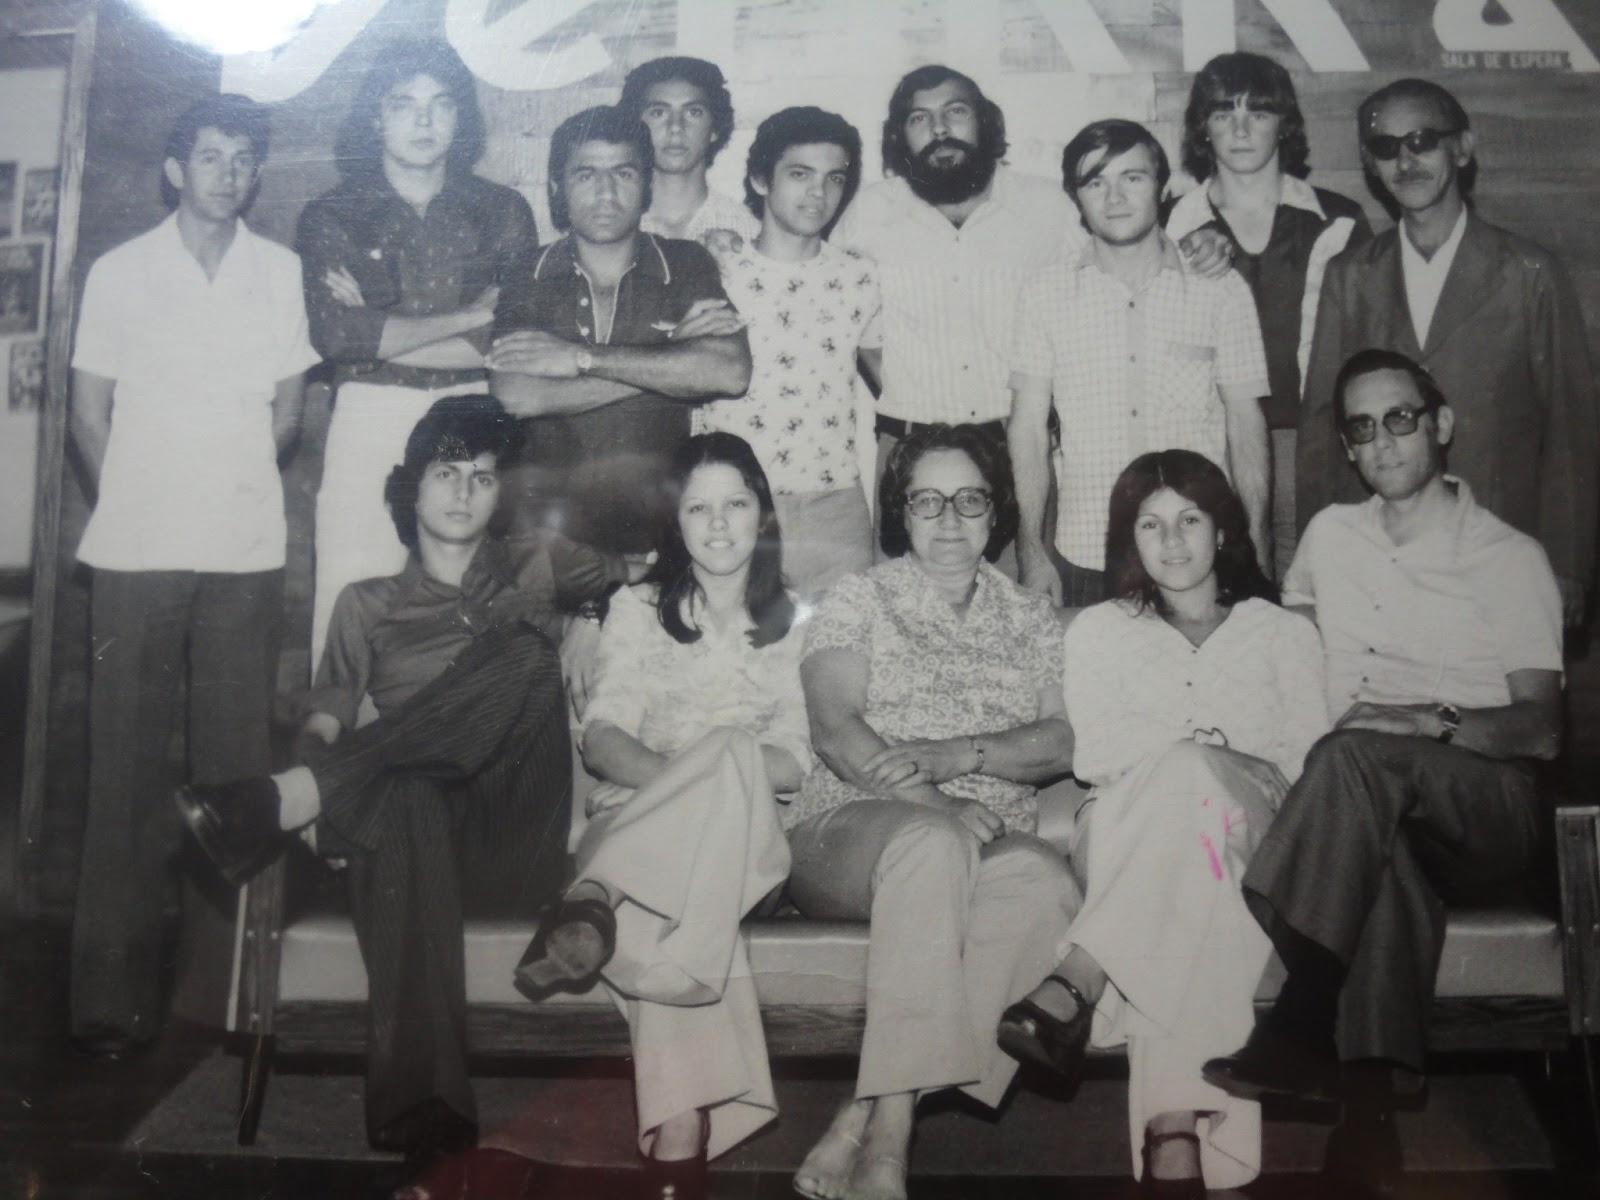 Papel pintado aaah os anos 70 ahhh o amor - Papel pintado anos 70 ...